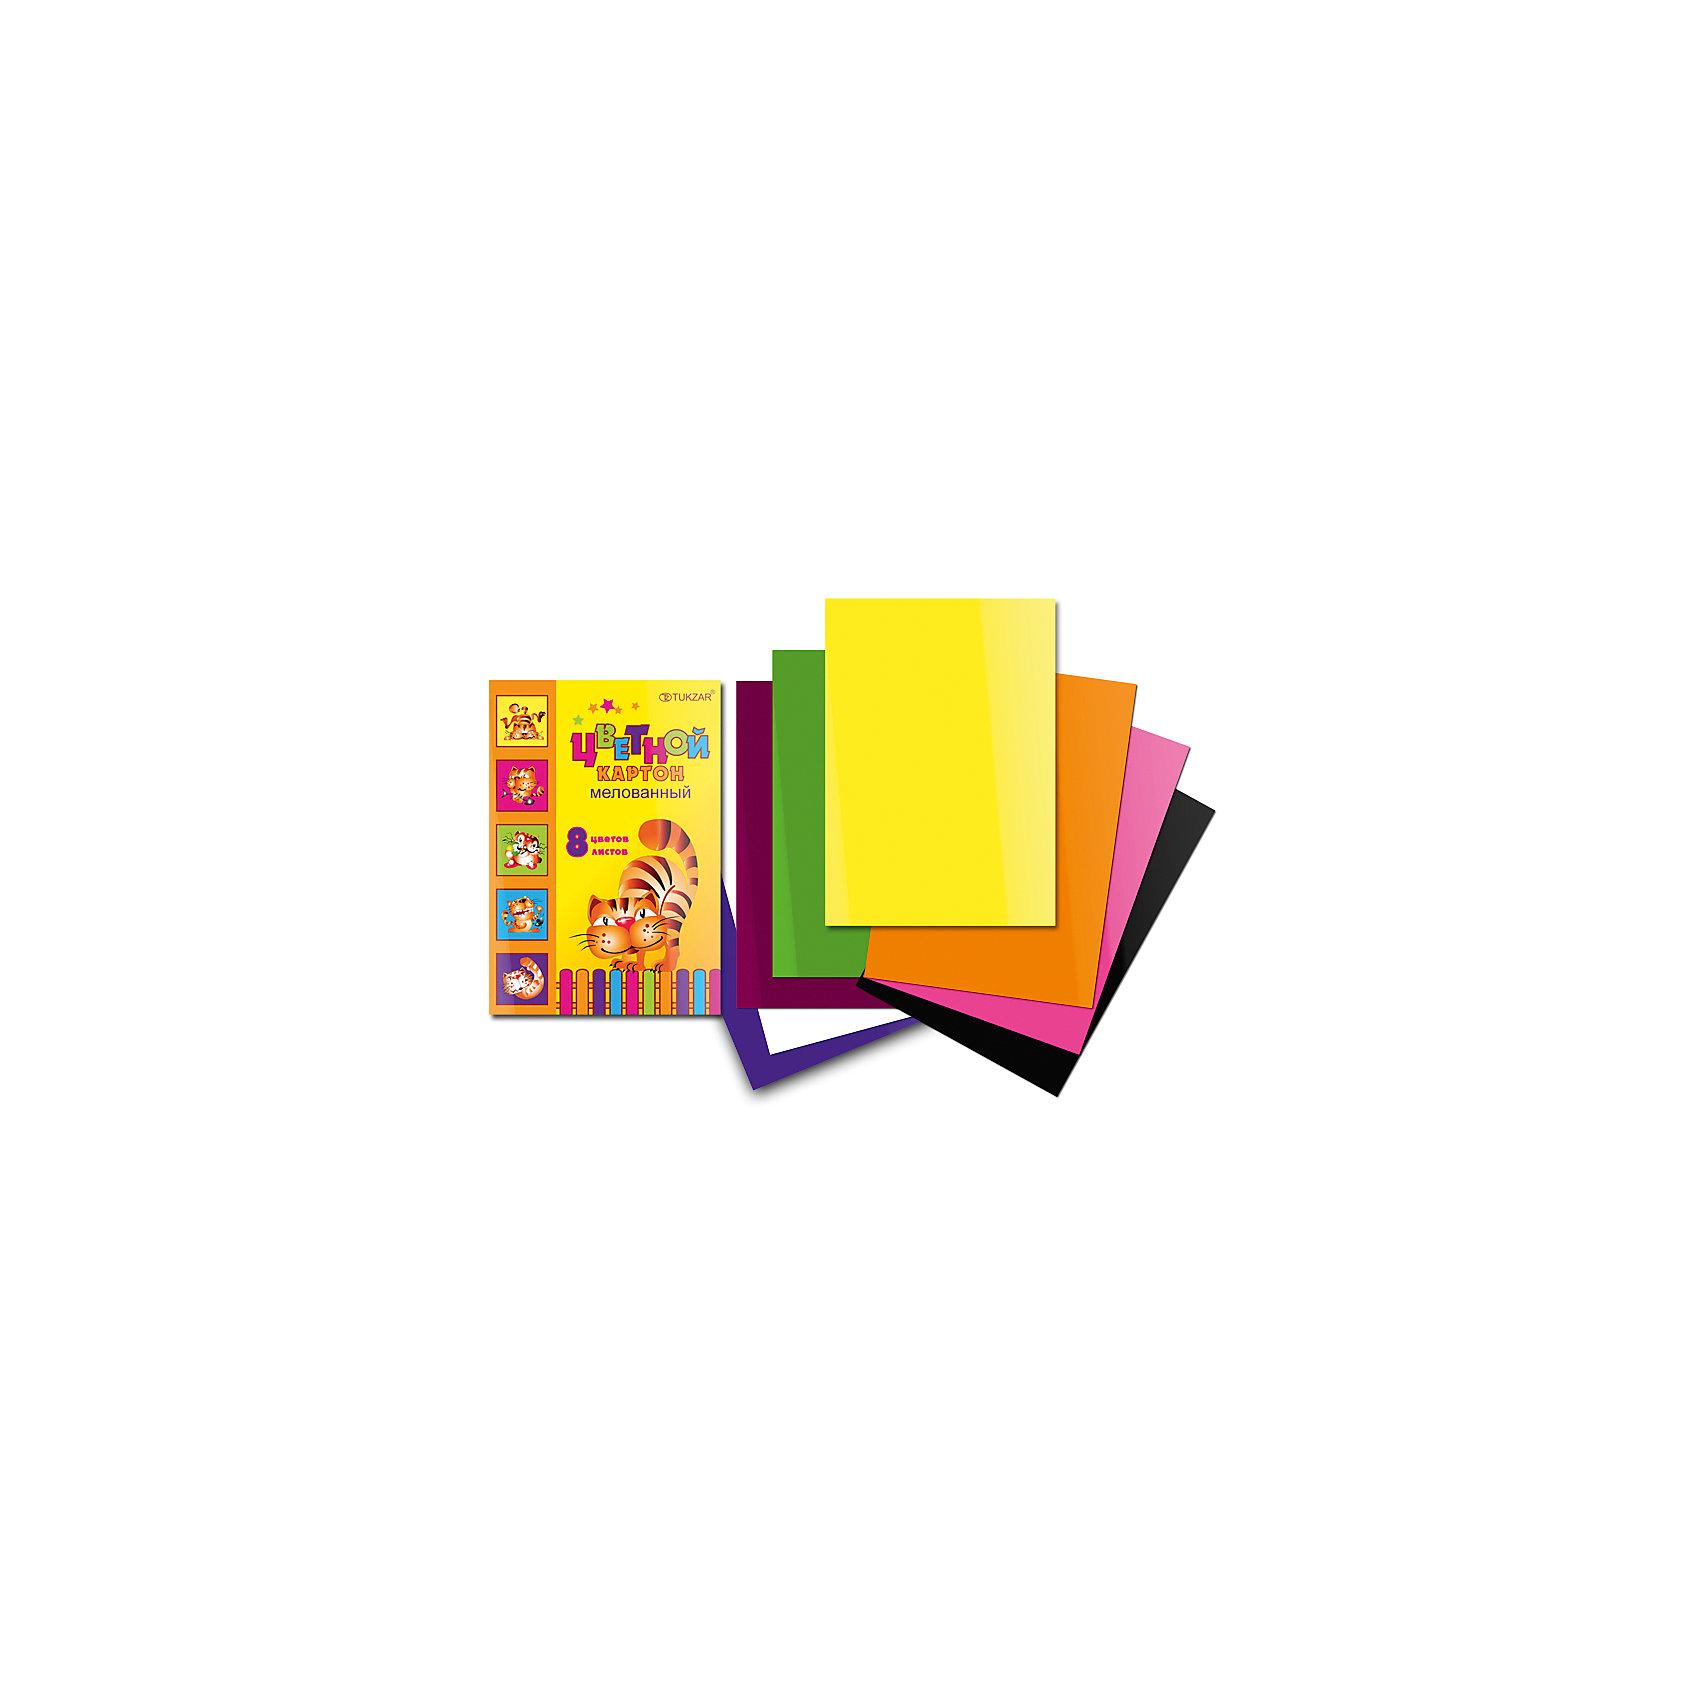 Цветной картон, 8 цветов, 8 листовЦветной мелованный картон – основа творчества на уроках труда в школе. Цветной картон используют для декорирования, моделирования и аппликации. Картон быстро заканчивается, поэтому можно выбрать понравившуюся модель и докупать при необходимости только ее, а не тратить время на поиски новой. Цветная картон от компании Tukzar  понравится всем детям и их мамам. У бумаги удобная плотность для складывания и разрезания, а так же яркие и насыщенные цвета. Все материалы, использованные при изготовлении, отвечают международным требованиям по качеству и безопасности.<br><br>Дополнительная информация: <br><br>количество цветов: 8 шт;<br>количество листов: 8;<br>формат: А4.<br><br>Цветной мелованный картон можно приобрести в нашем магазине.<br><br>Ширина мм: 100<br>Глубина мм: 100<br>Высота мм: 10<br>Вес г: 50<br>Возраст от месяцев: 36<br>Возраст до месяцев: 120<br>Пол: Унисекс<br>Возраст: Детский<br>SKU: 4993575